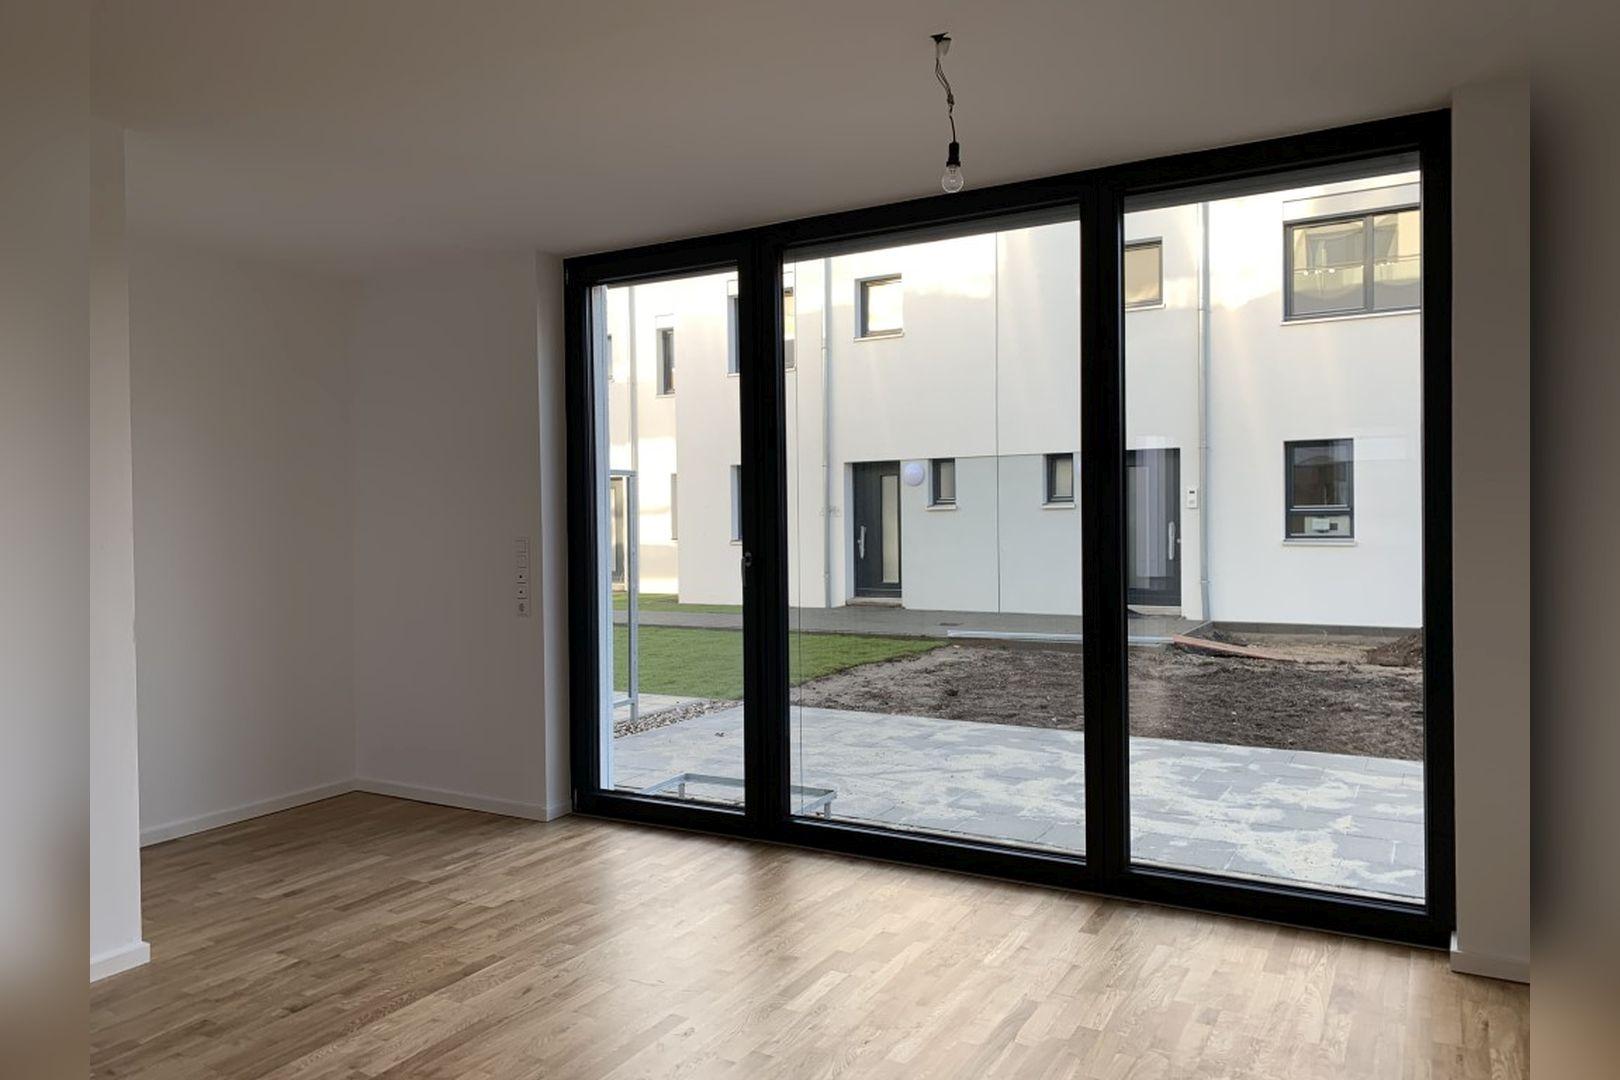 Immobilie Nr.BÖ-08 - BÖ-08; Reihen-Mittelhaus über UG-EG-OG-DG - Bild 14.jpg